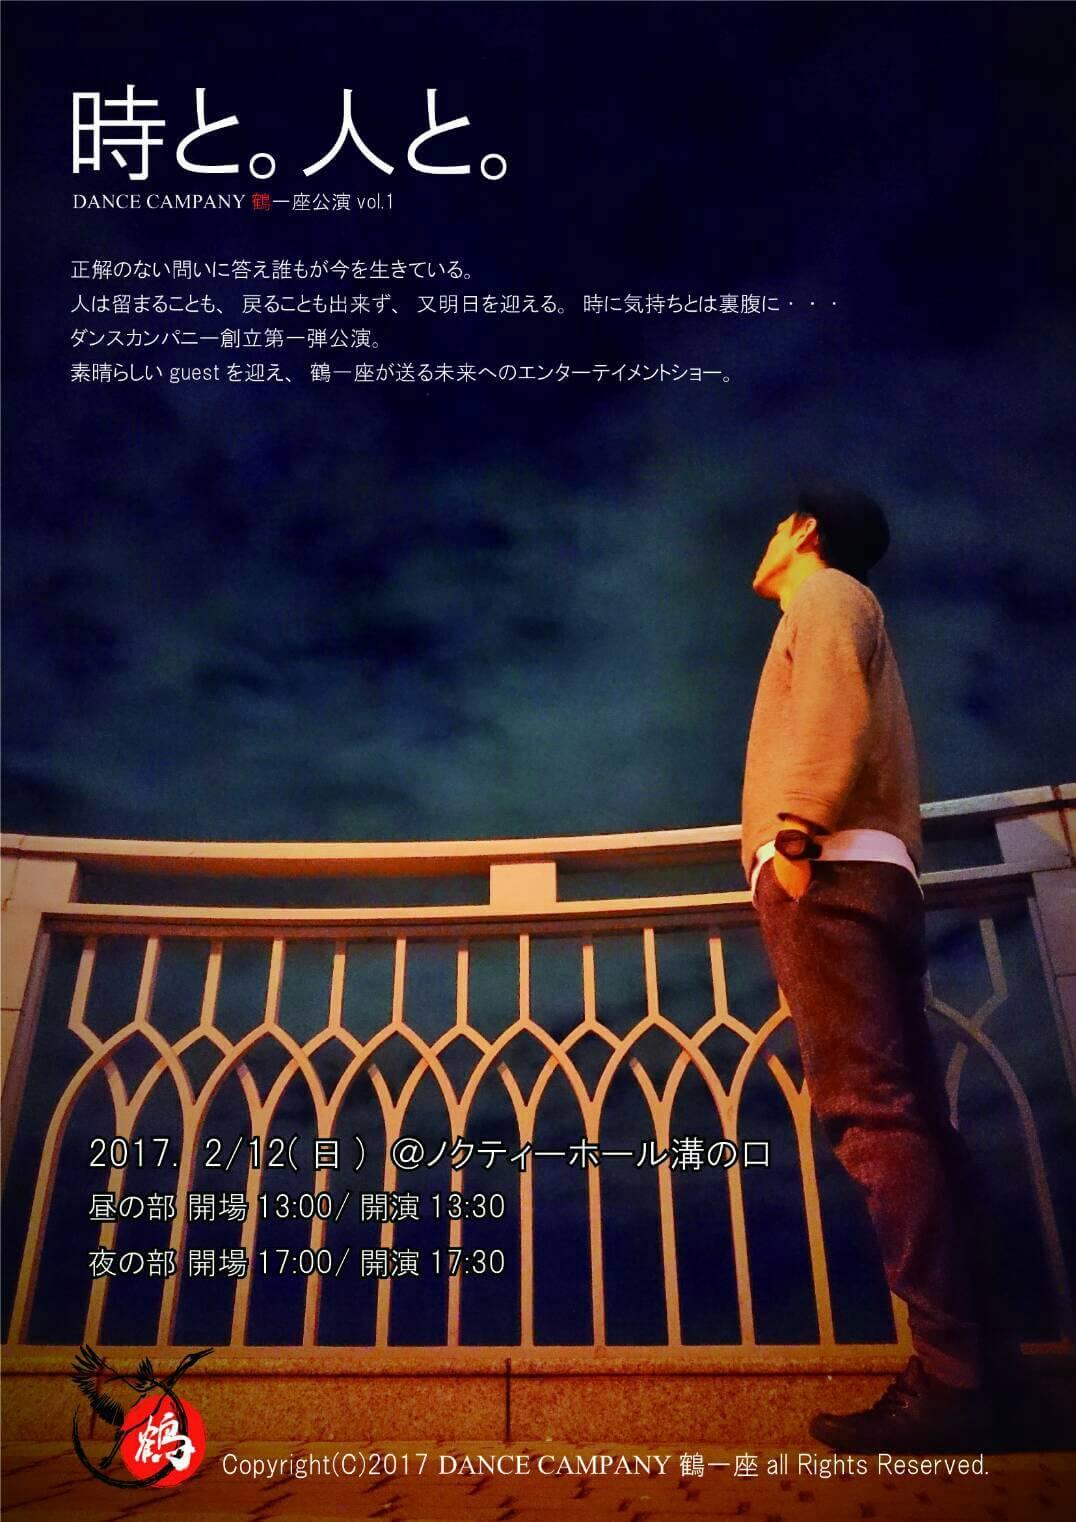 【20170212日】時と。人と。/鶴一座公演vol.1【ノクティーホール溝の口】